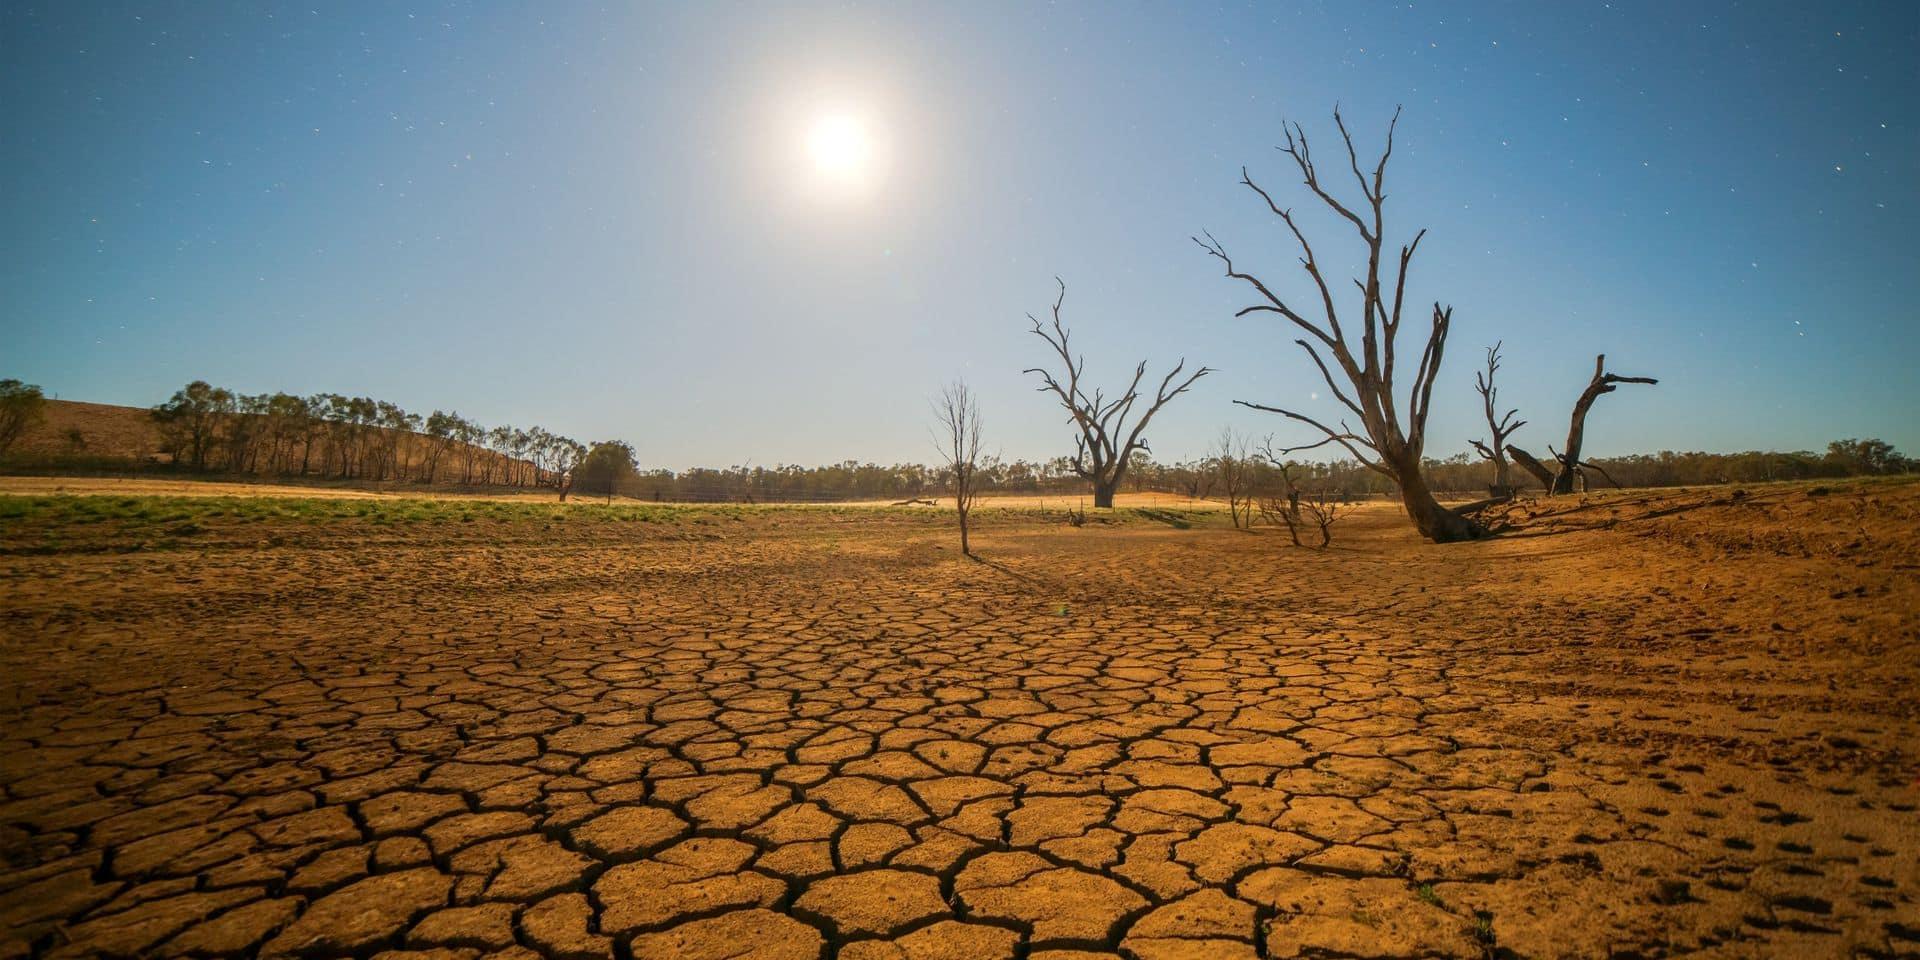 Climat: la sécheresse extrême de 2018-2019 en Europe appelée à se répéter